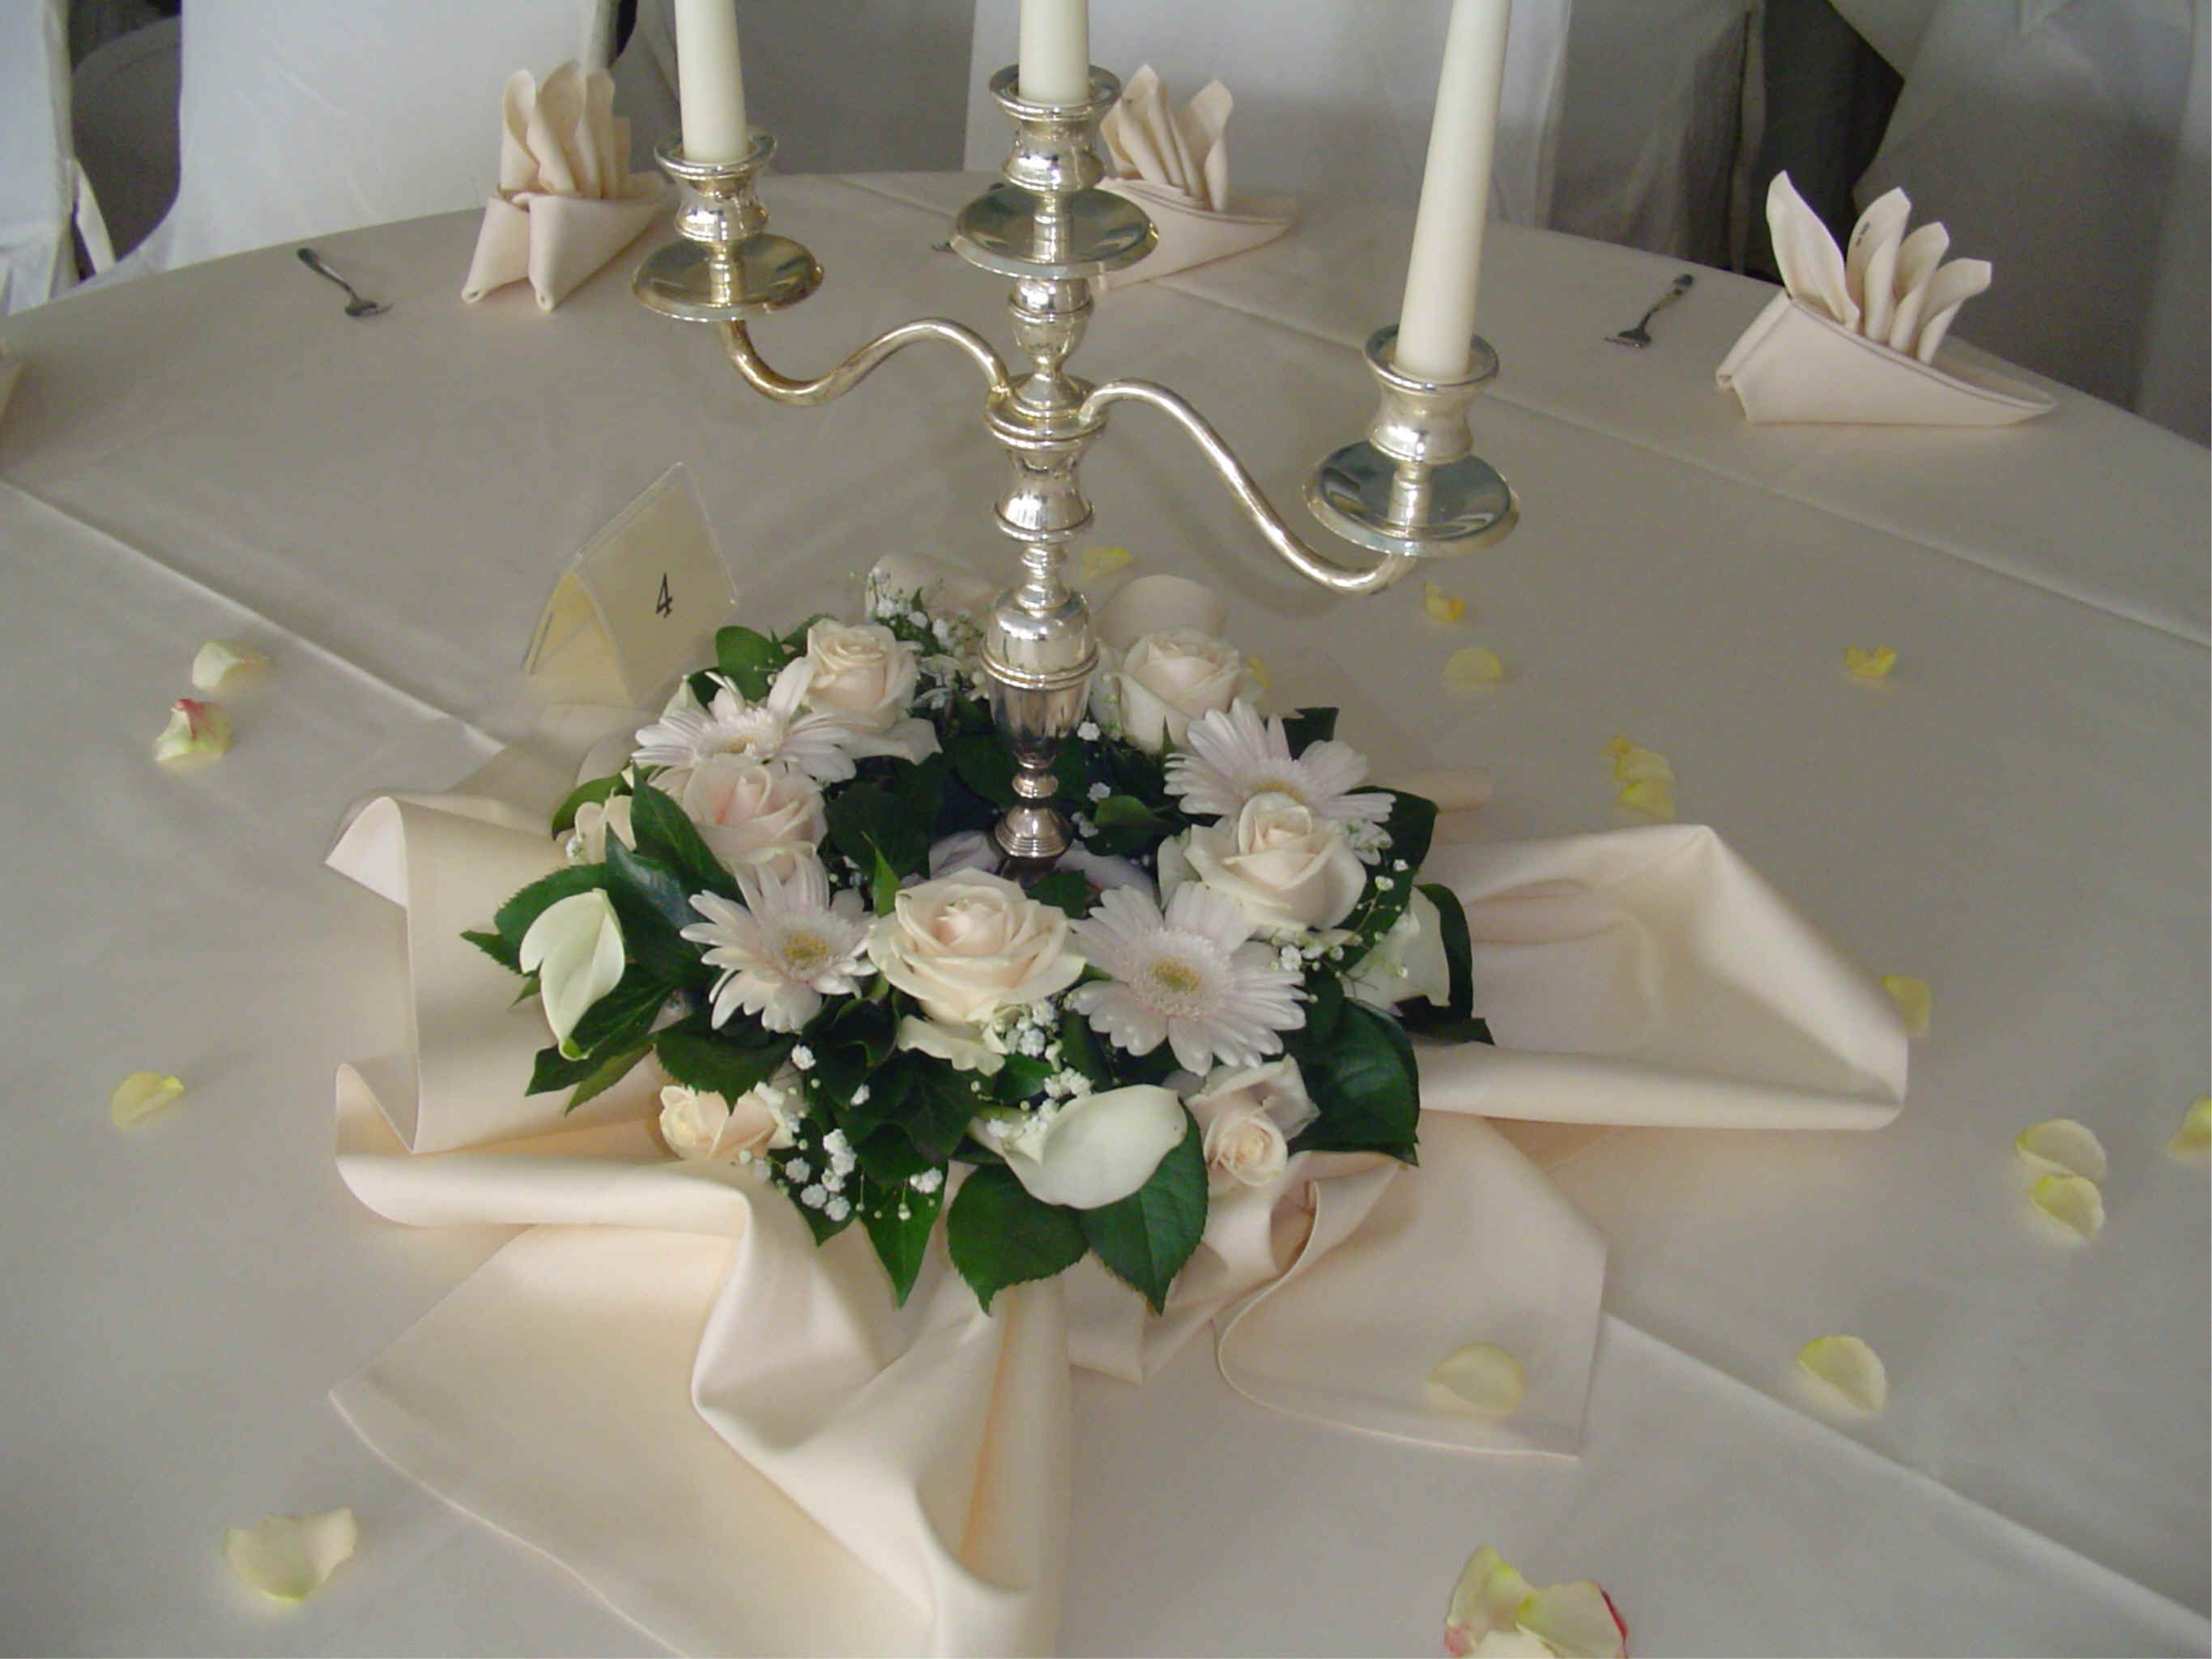 Tischdeko Hochzeit Runde Tische  blumenschmuck hochzeit kerzenständer runde tische Google